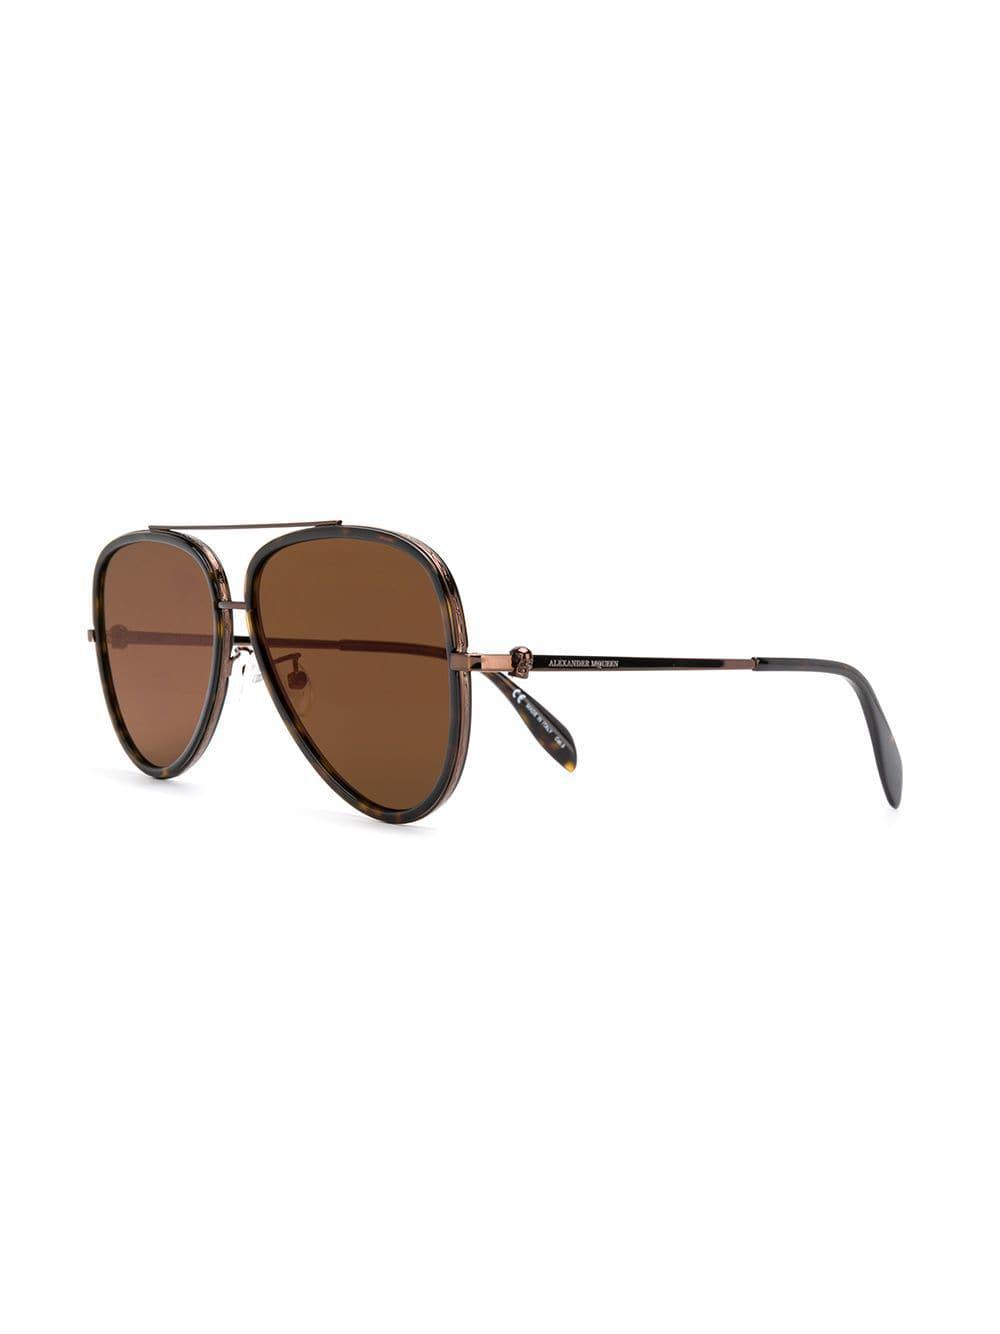 0a646d29b8e Alexander McQueen - Brown Aviator Sunglasses for Men - Lyst. View fullscreen